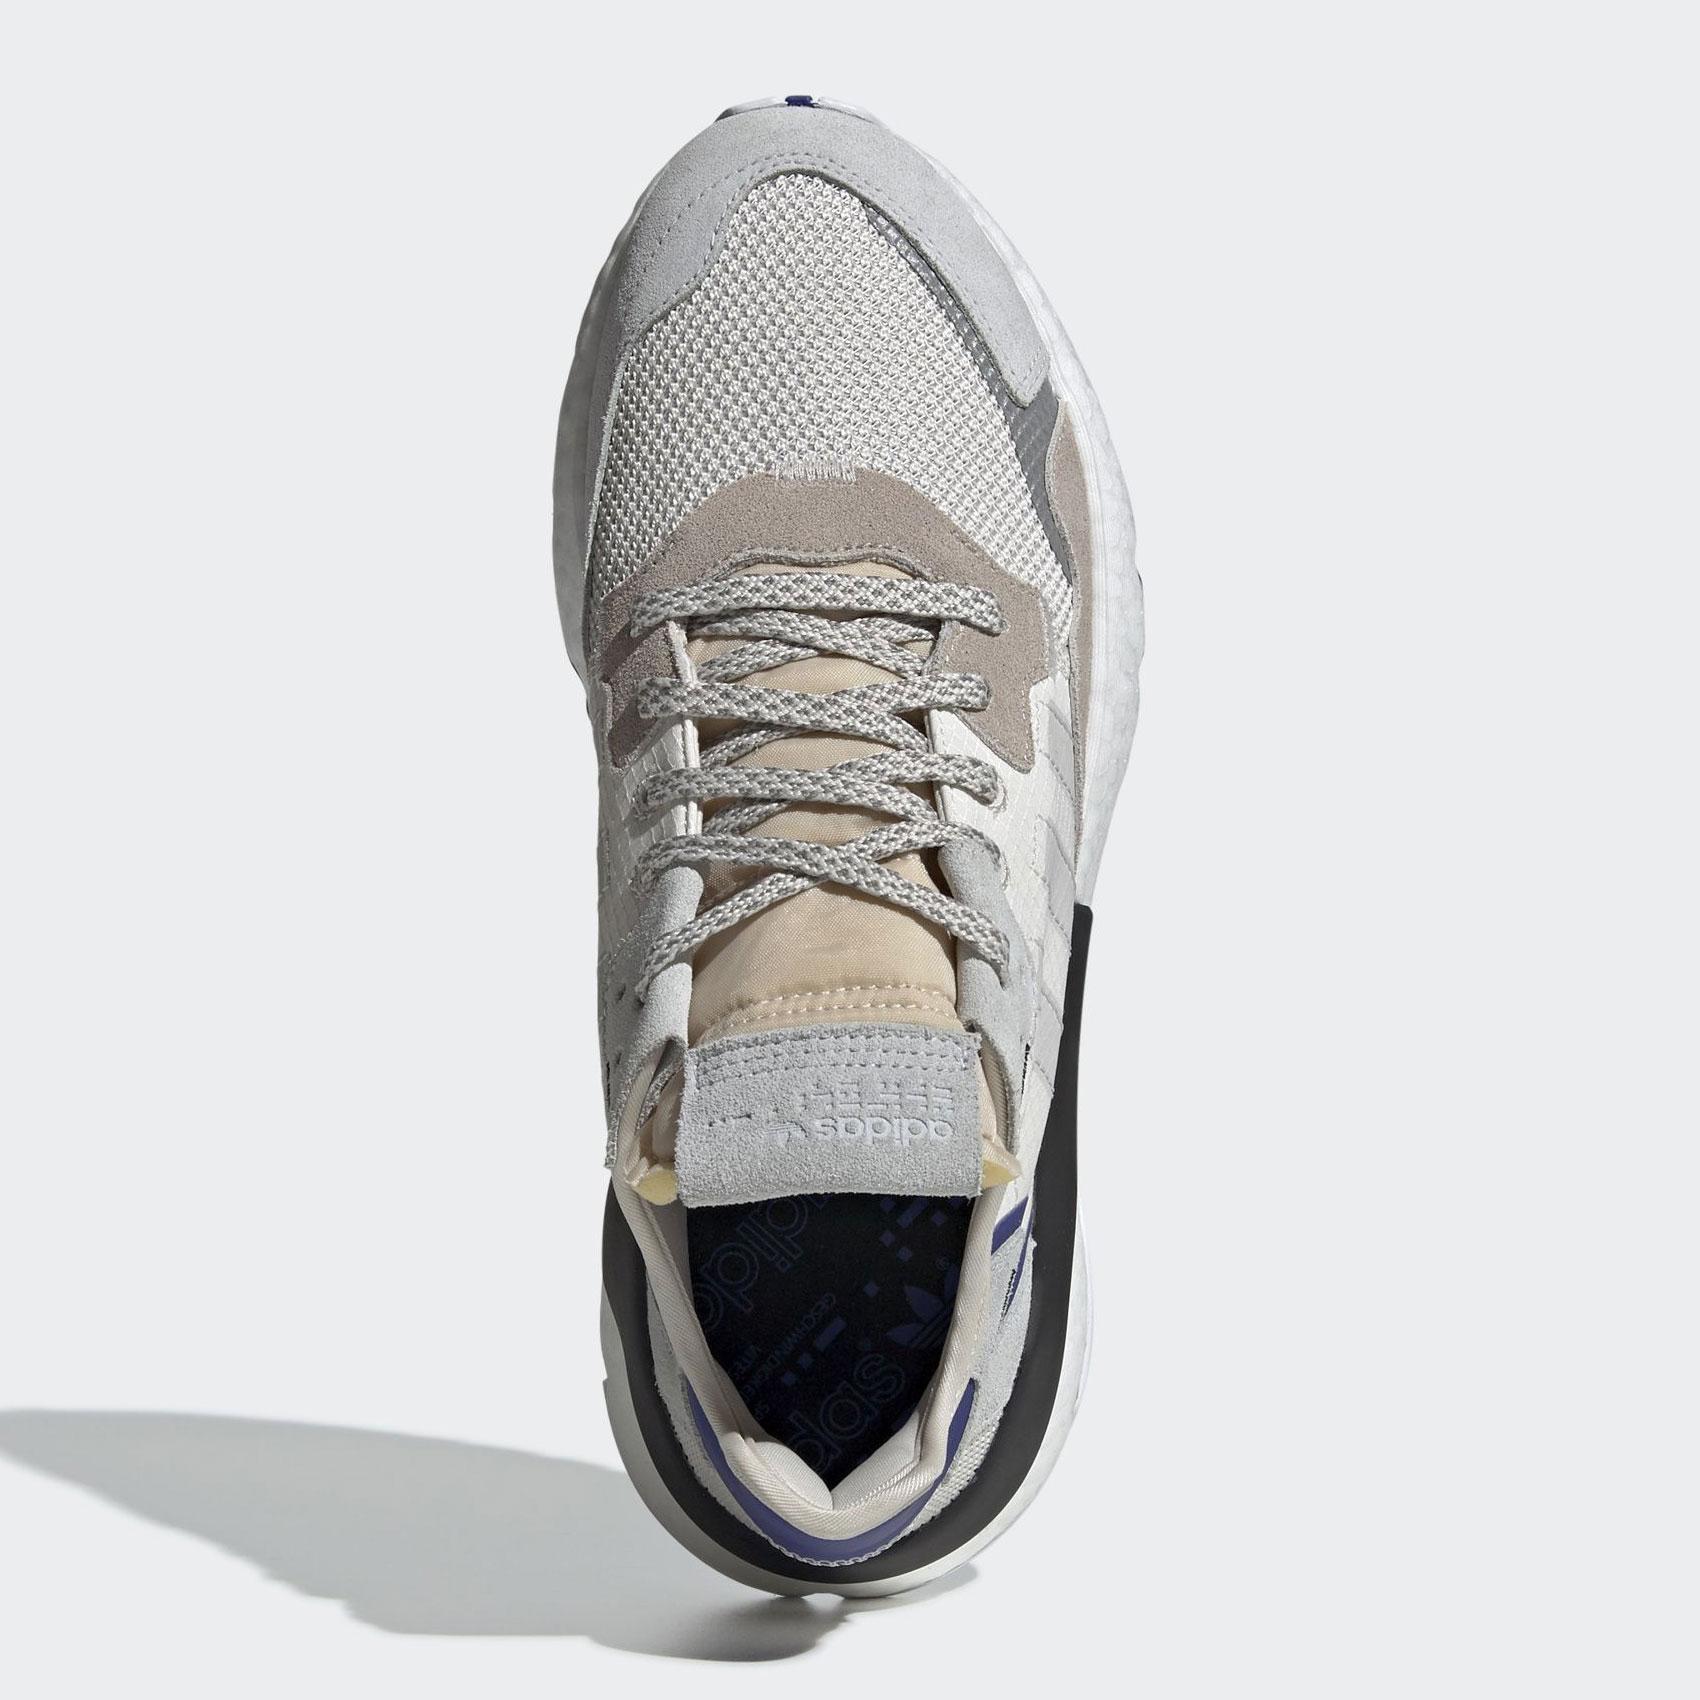 official photos 4c18e 51388 adidas Nite Jogger Raw White F34124 Release Info   SneakerNews.com